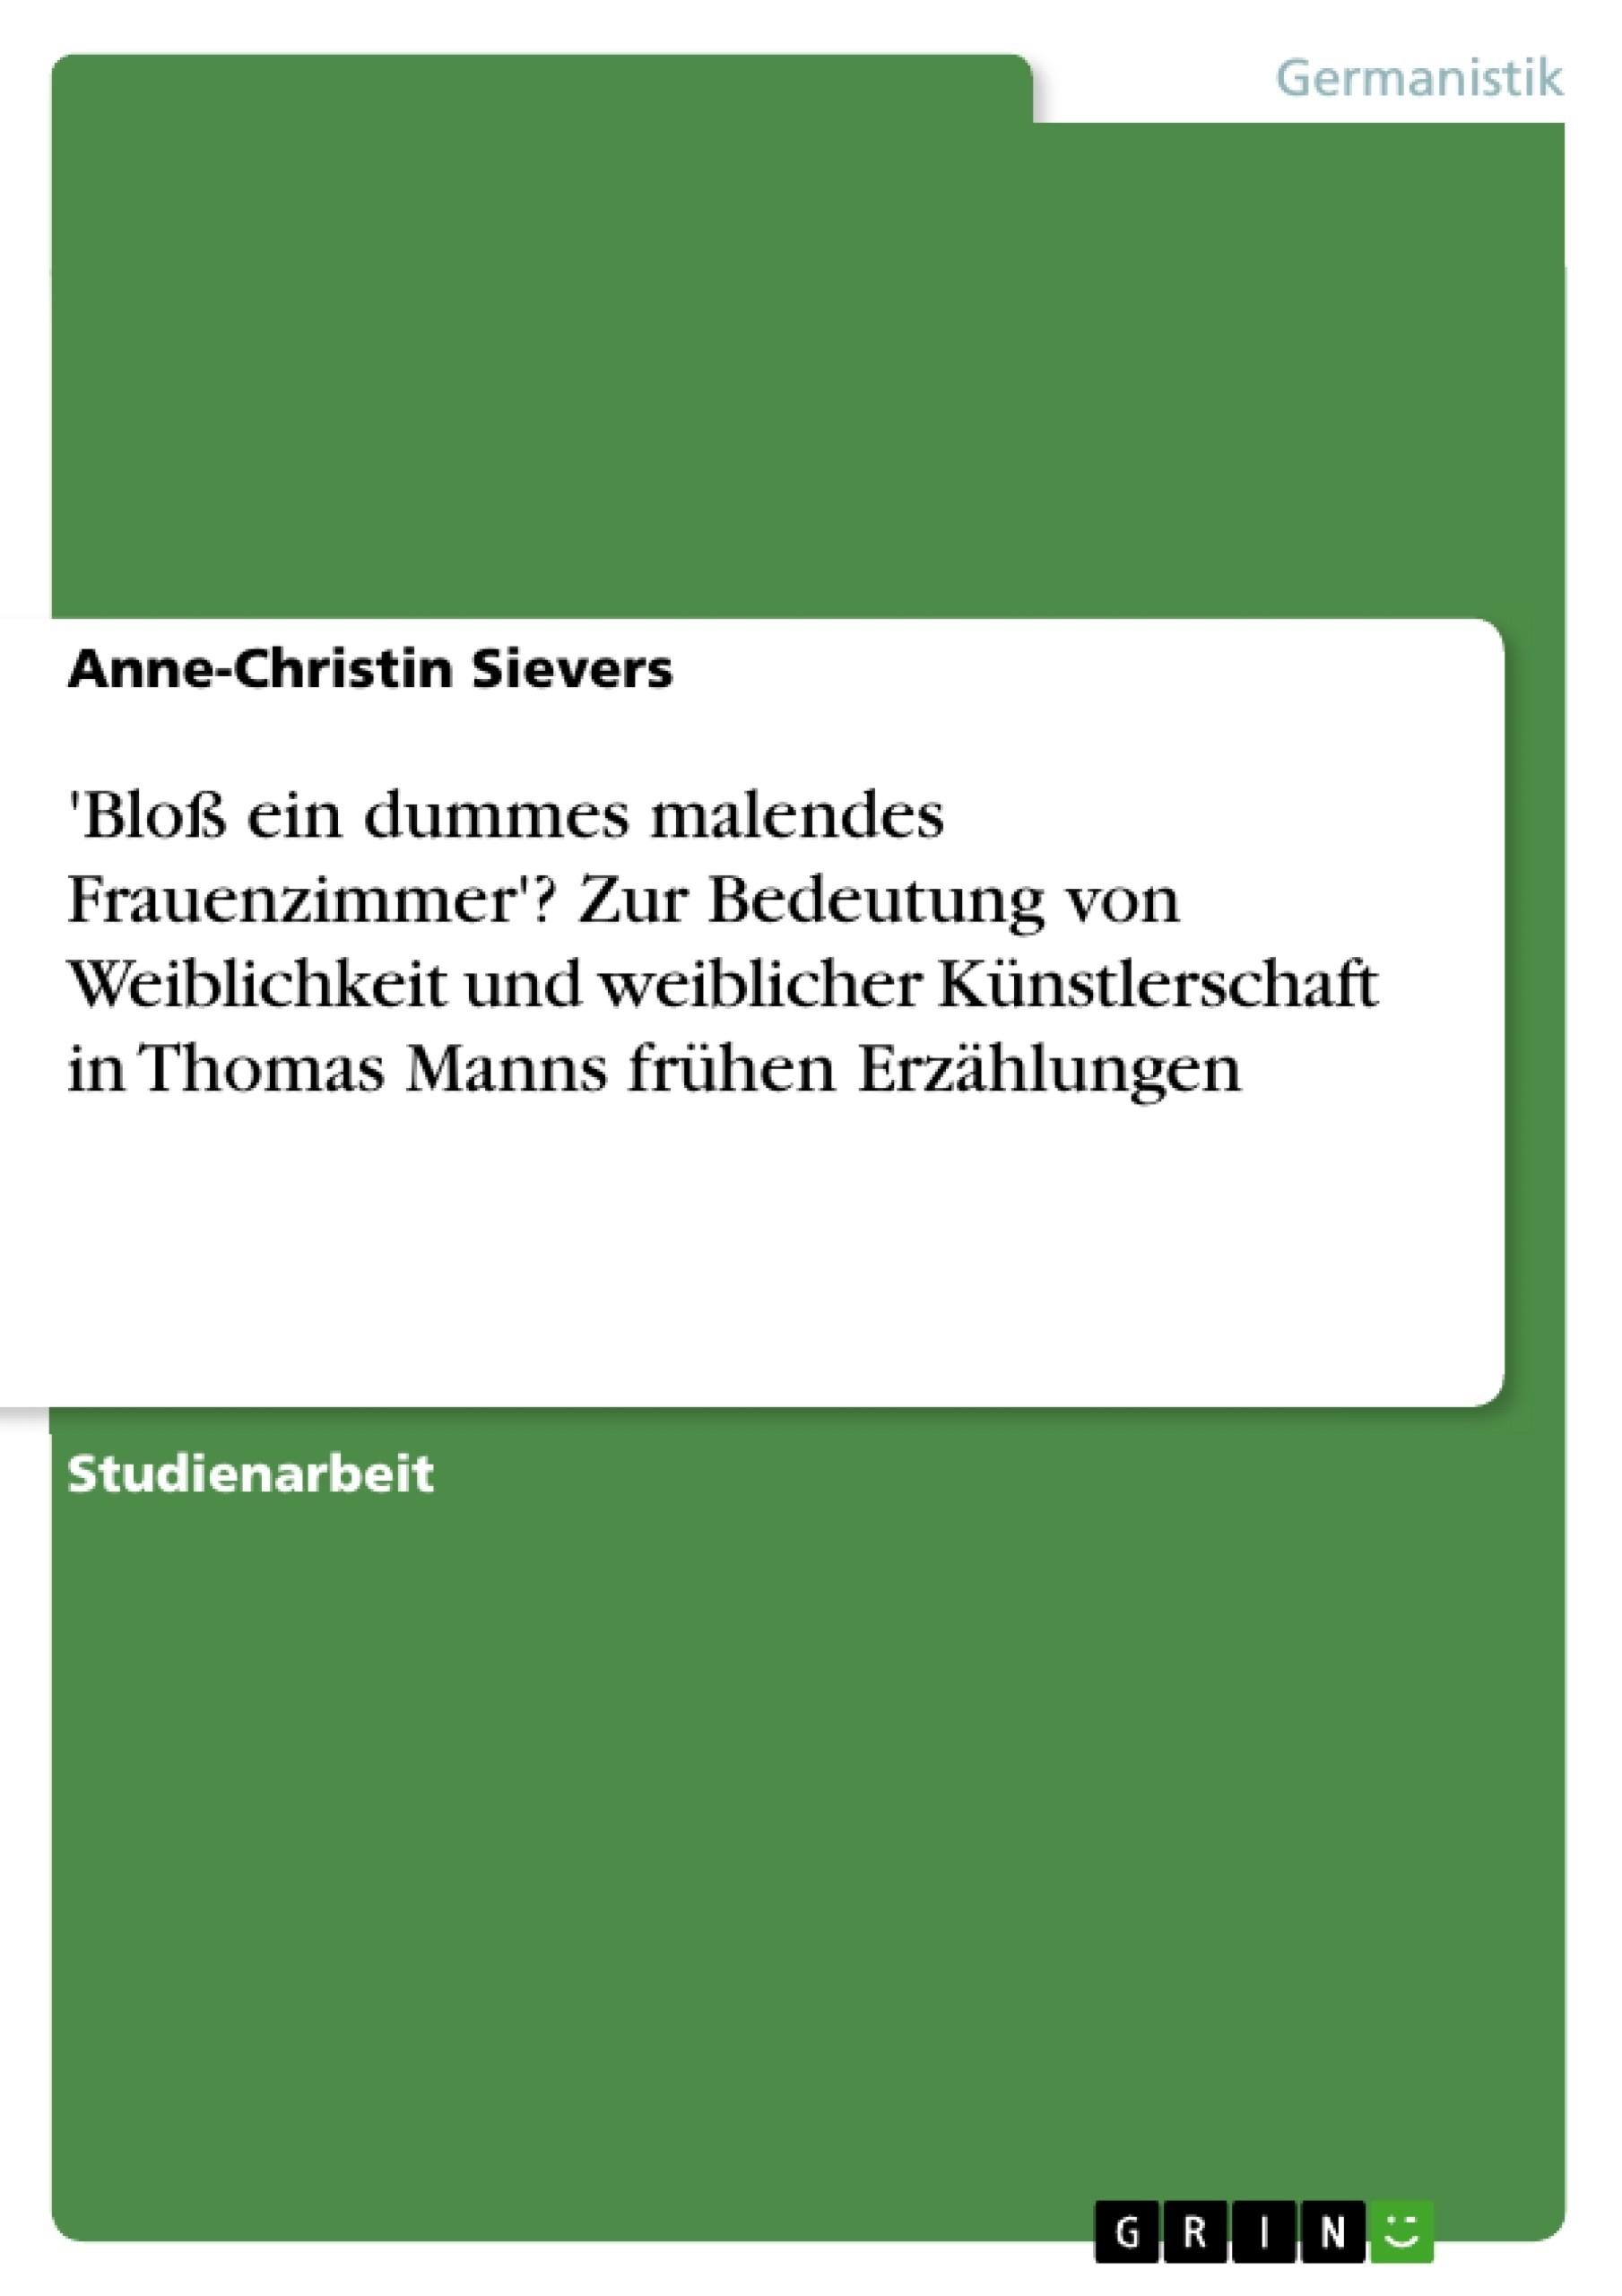 Titel: 'Bloß ein dummes malendes Frauenzimmer'? Zur Bedeutung von Weiblichkeit und weiblicher Künstlerschaft in Thomas Manns frühen Erzählungen